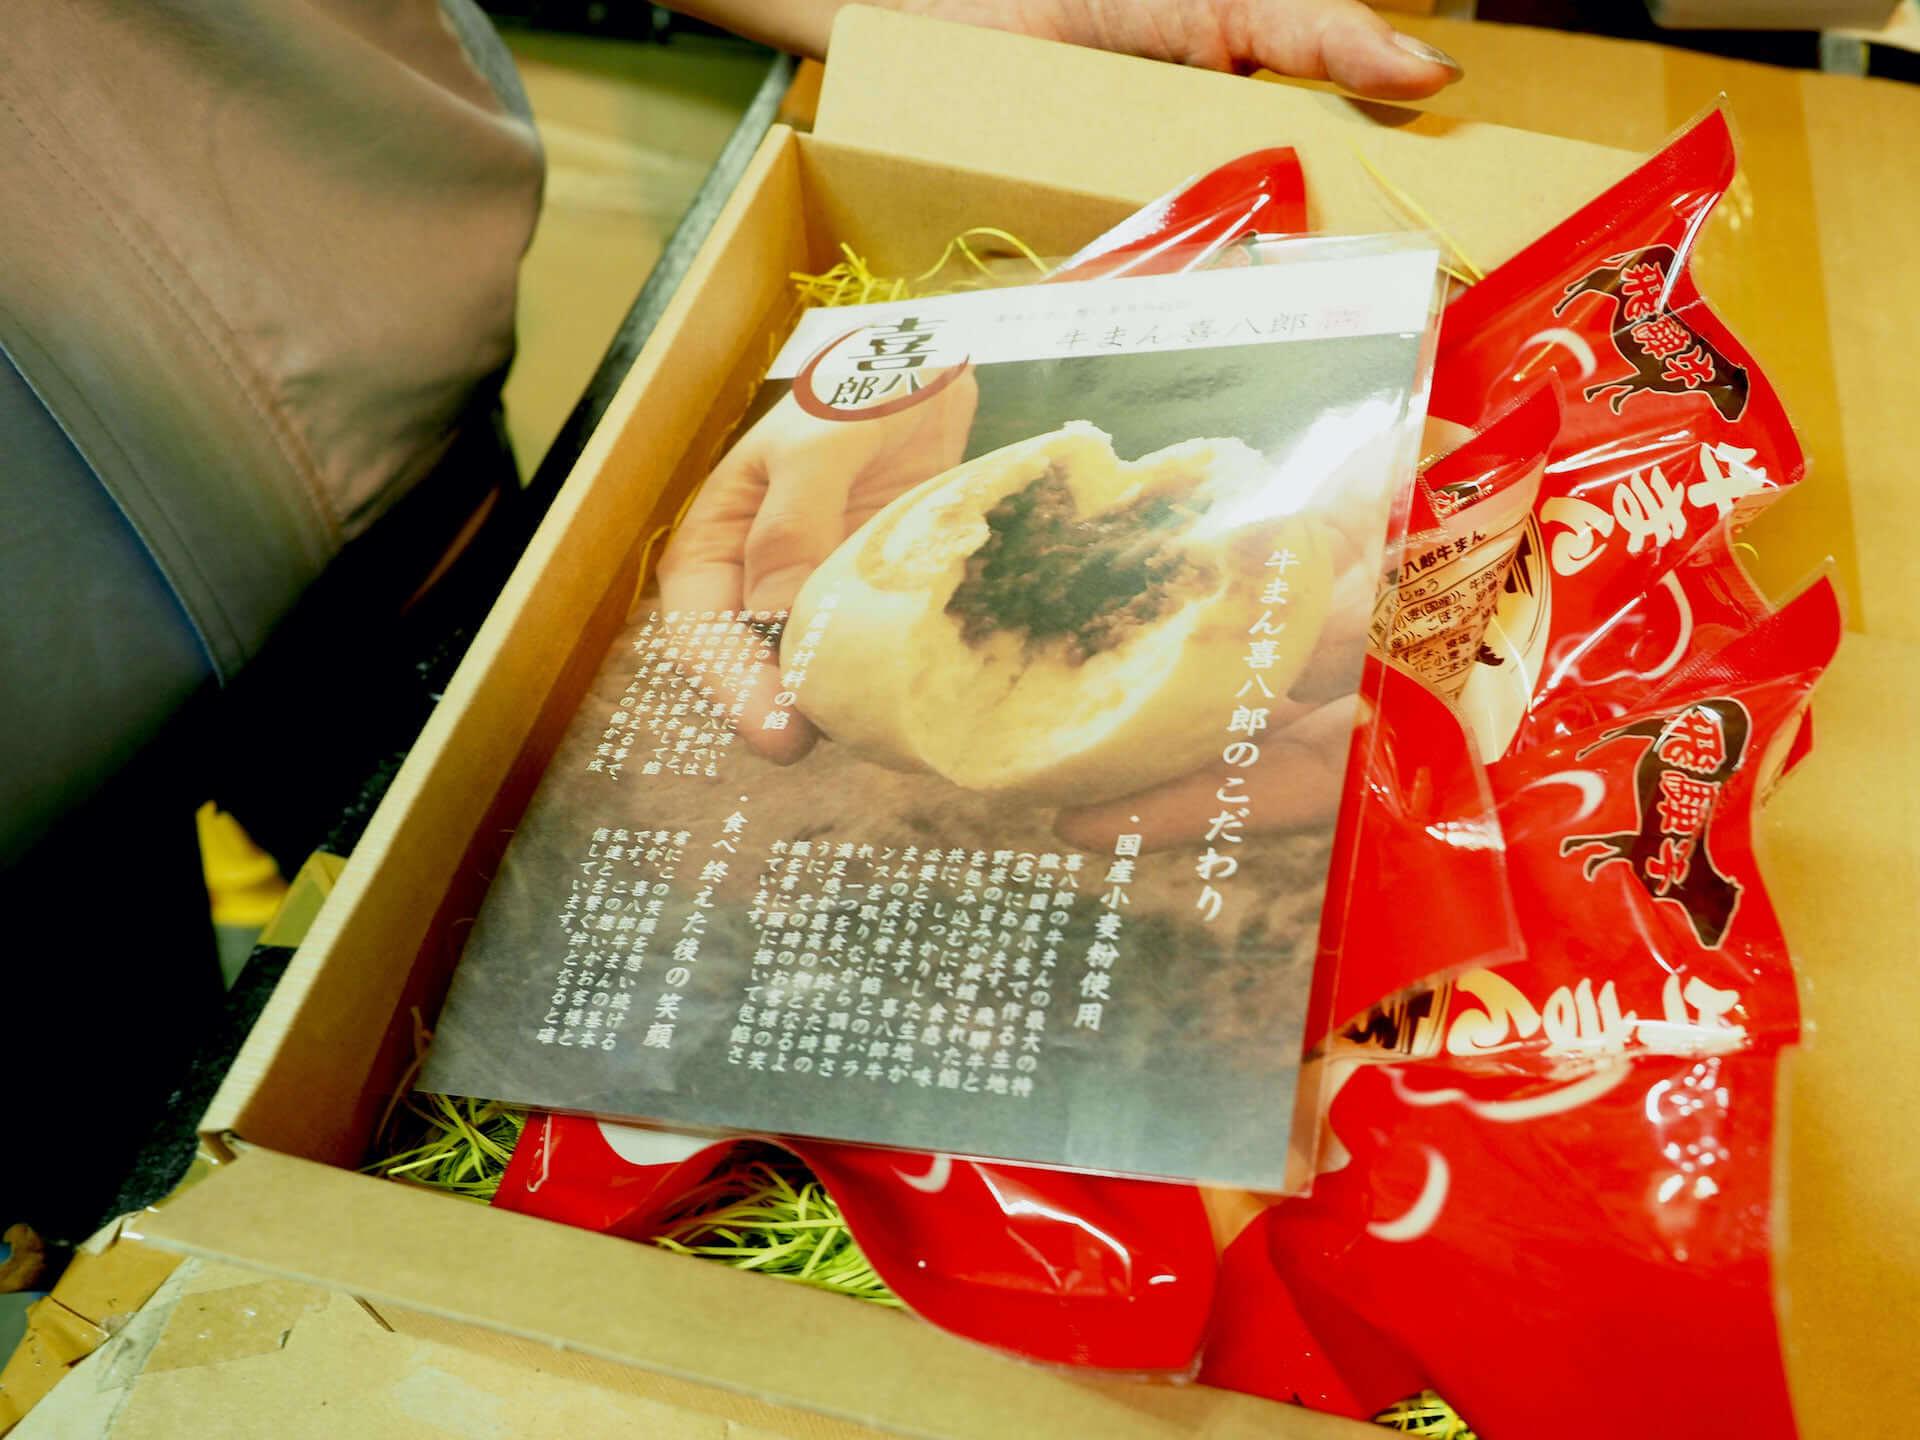 飛騨牛まんを堪能できる秋のお取り寄せグルメが19%OFFの特別価格で発売!喜八郎が期間限定キャンペーンを開始 gourmet200928_kihachiro_5-1920x1440